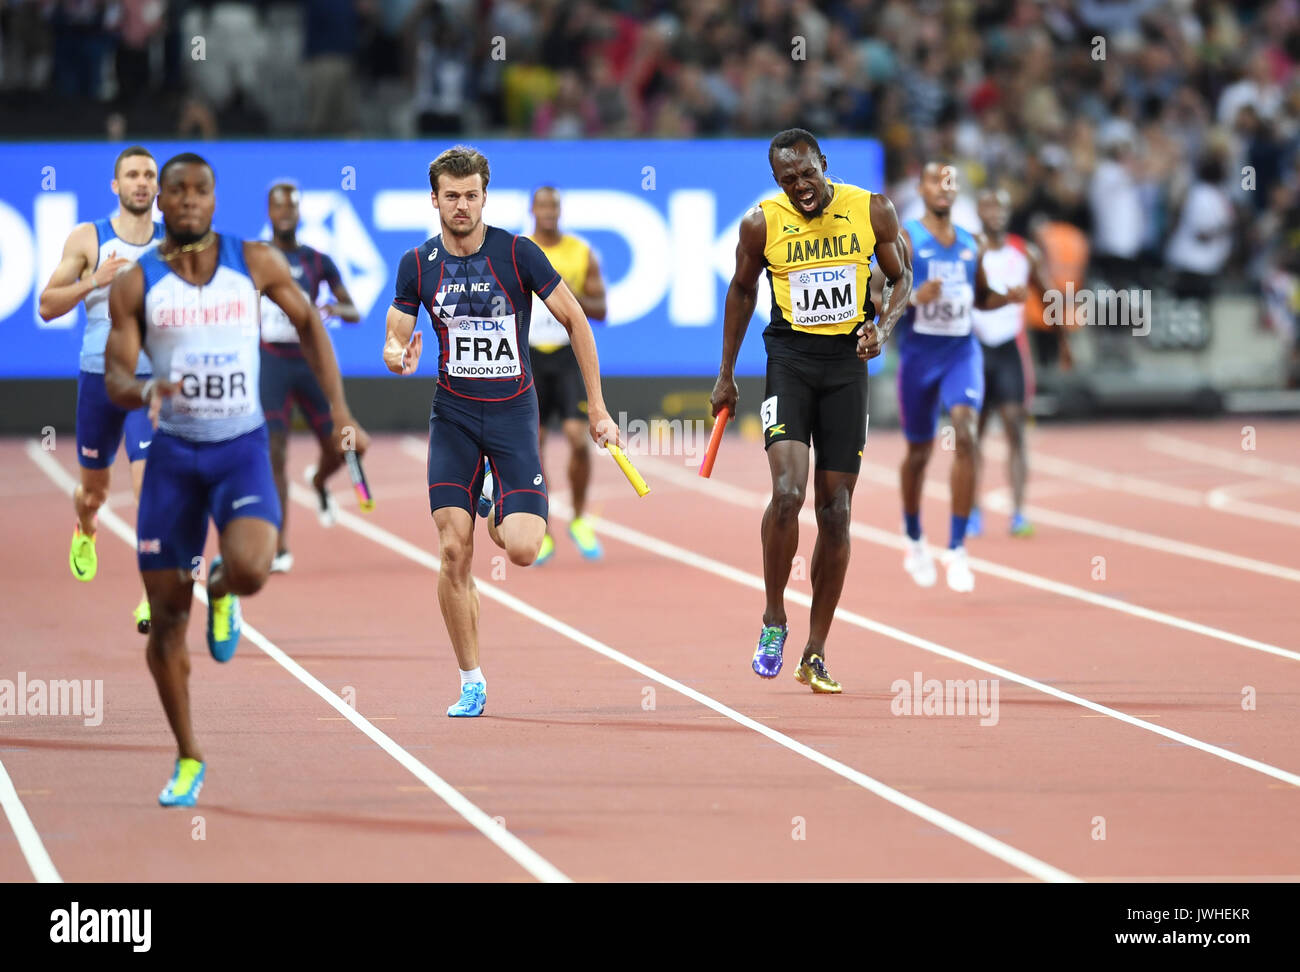 Londra, Regno Unito. 12 Agosto, 2017. Usain Bolt tirata feriti nella sua ultima gara mai, a 4x100 relè presso la Foto Stock